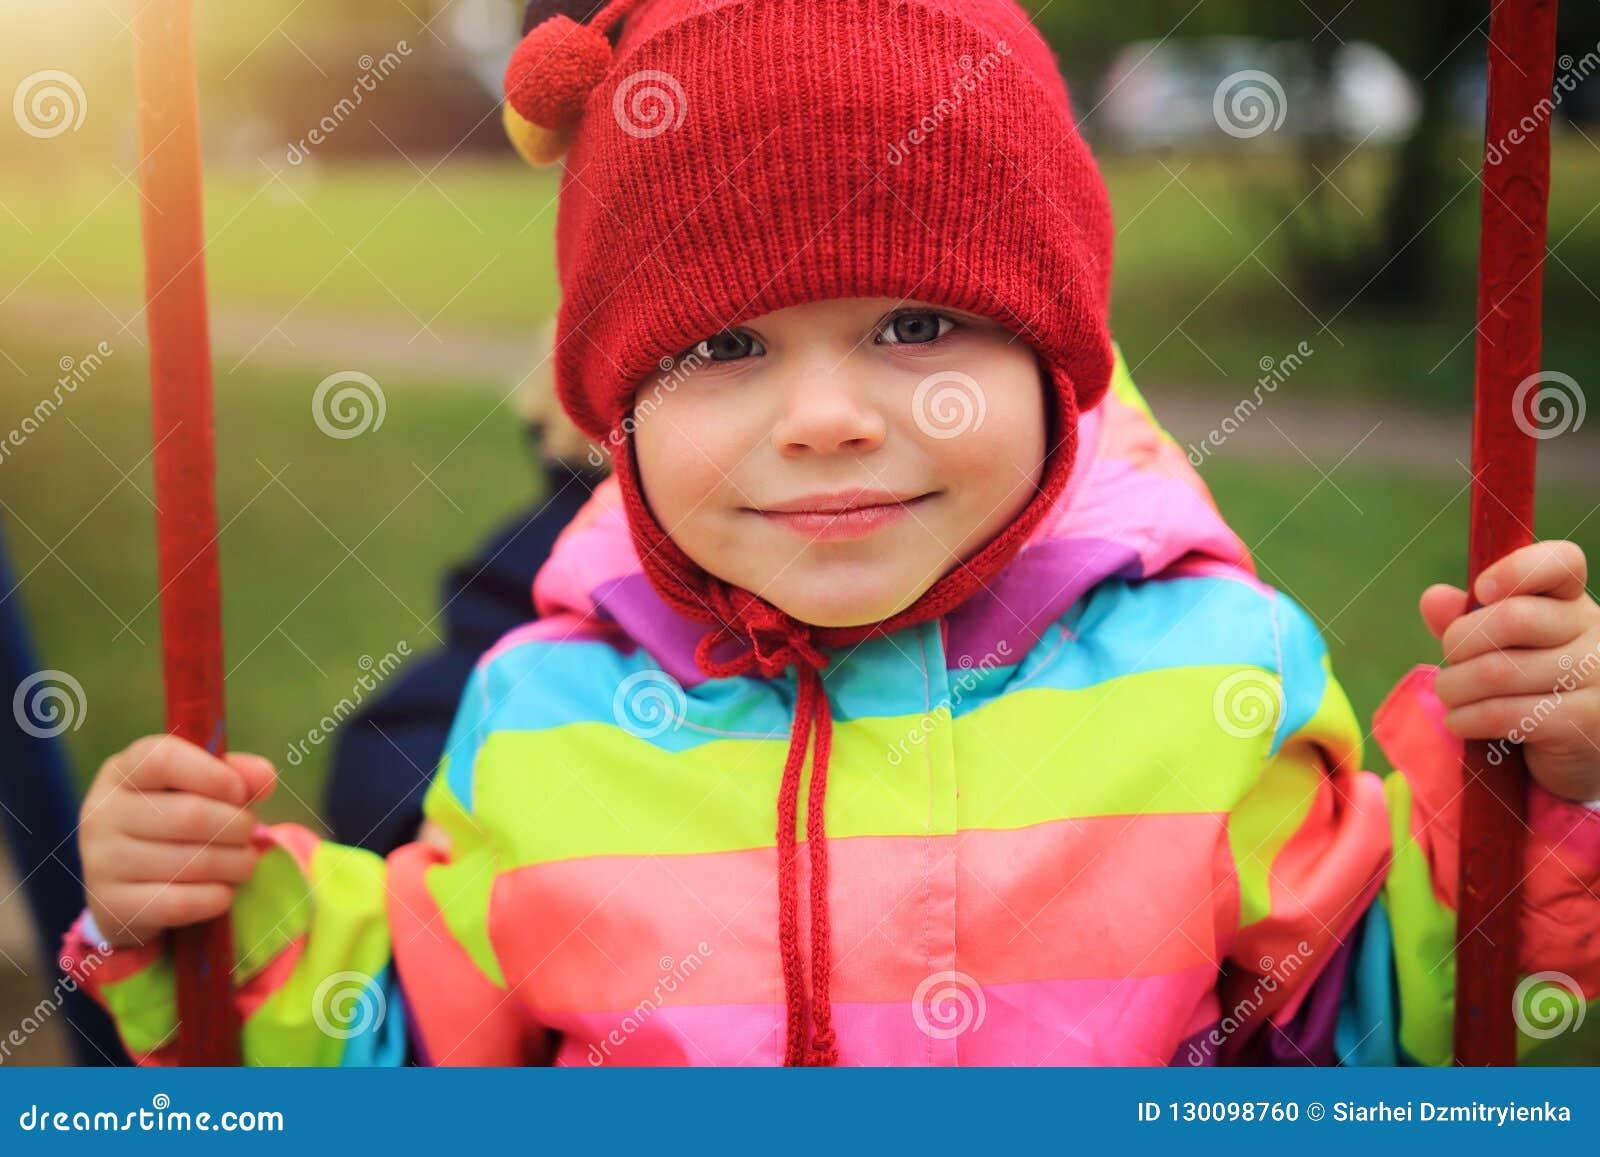 Πορτρέτο του μικρού κοριτσιού στην ταλάντευση Παιδιά που οδηγούν στο ιπποδρόμιο παιδική χαρά κατσικιών